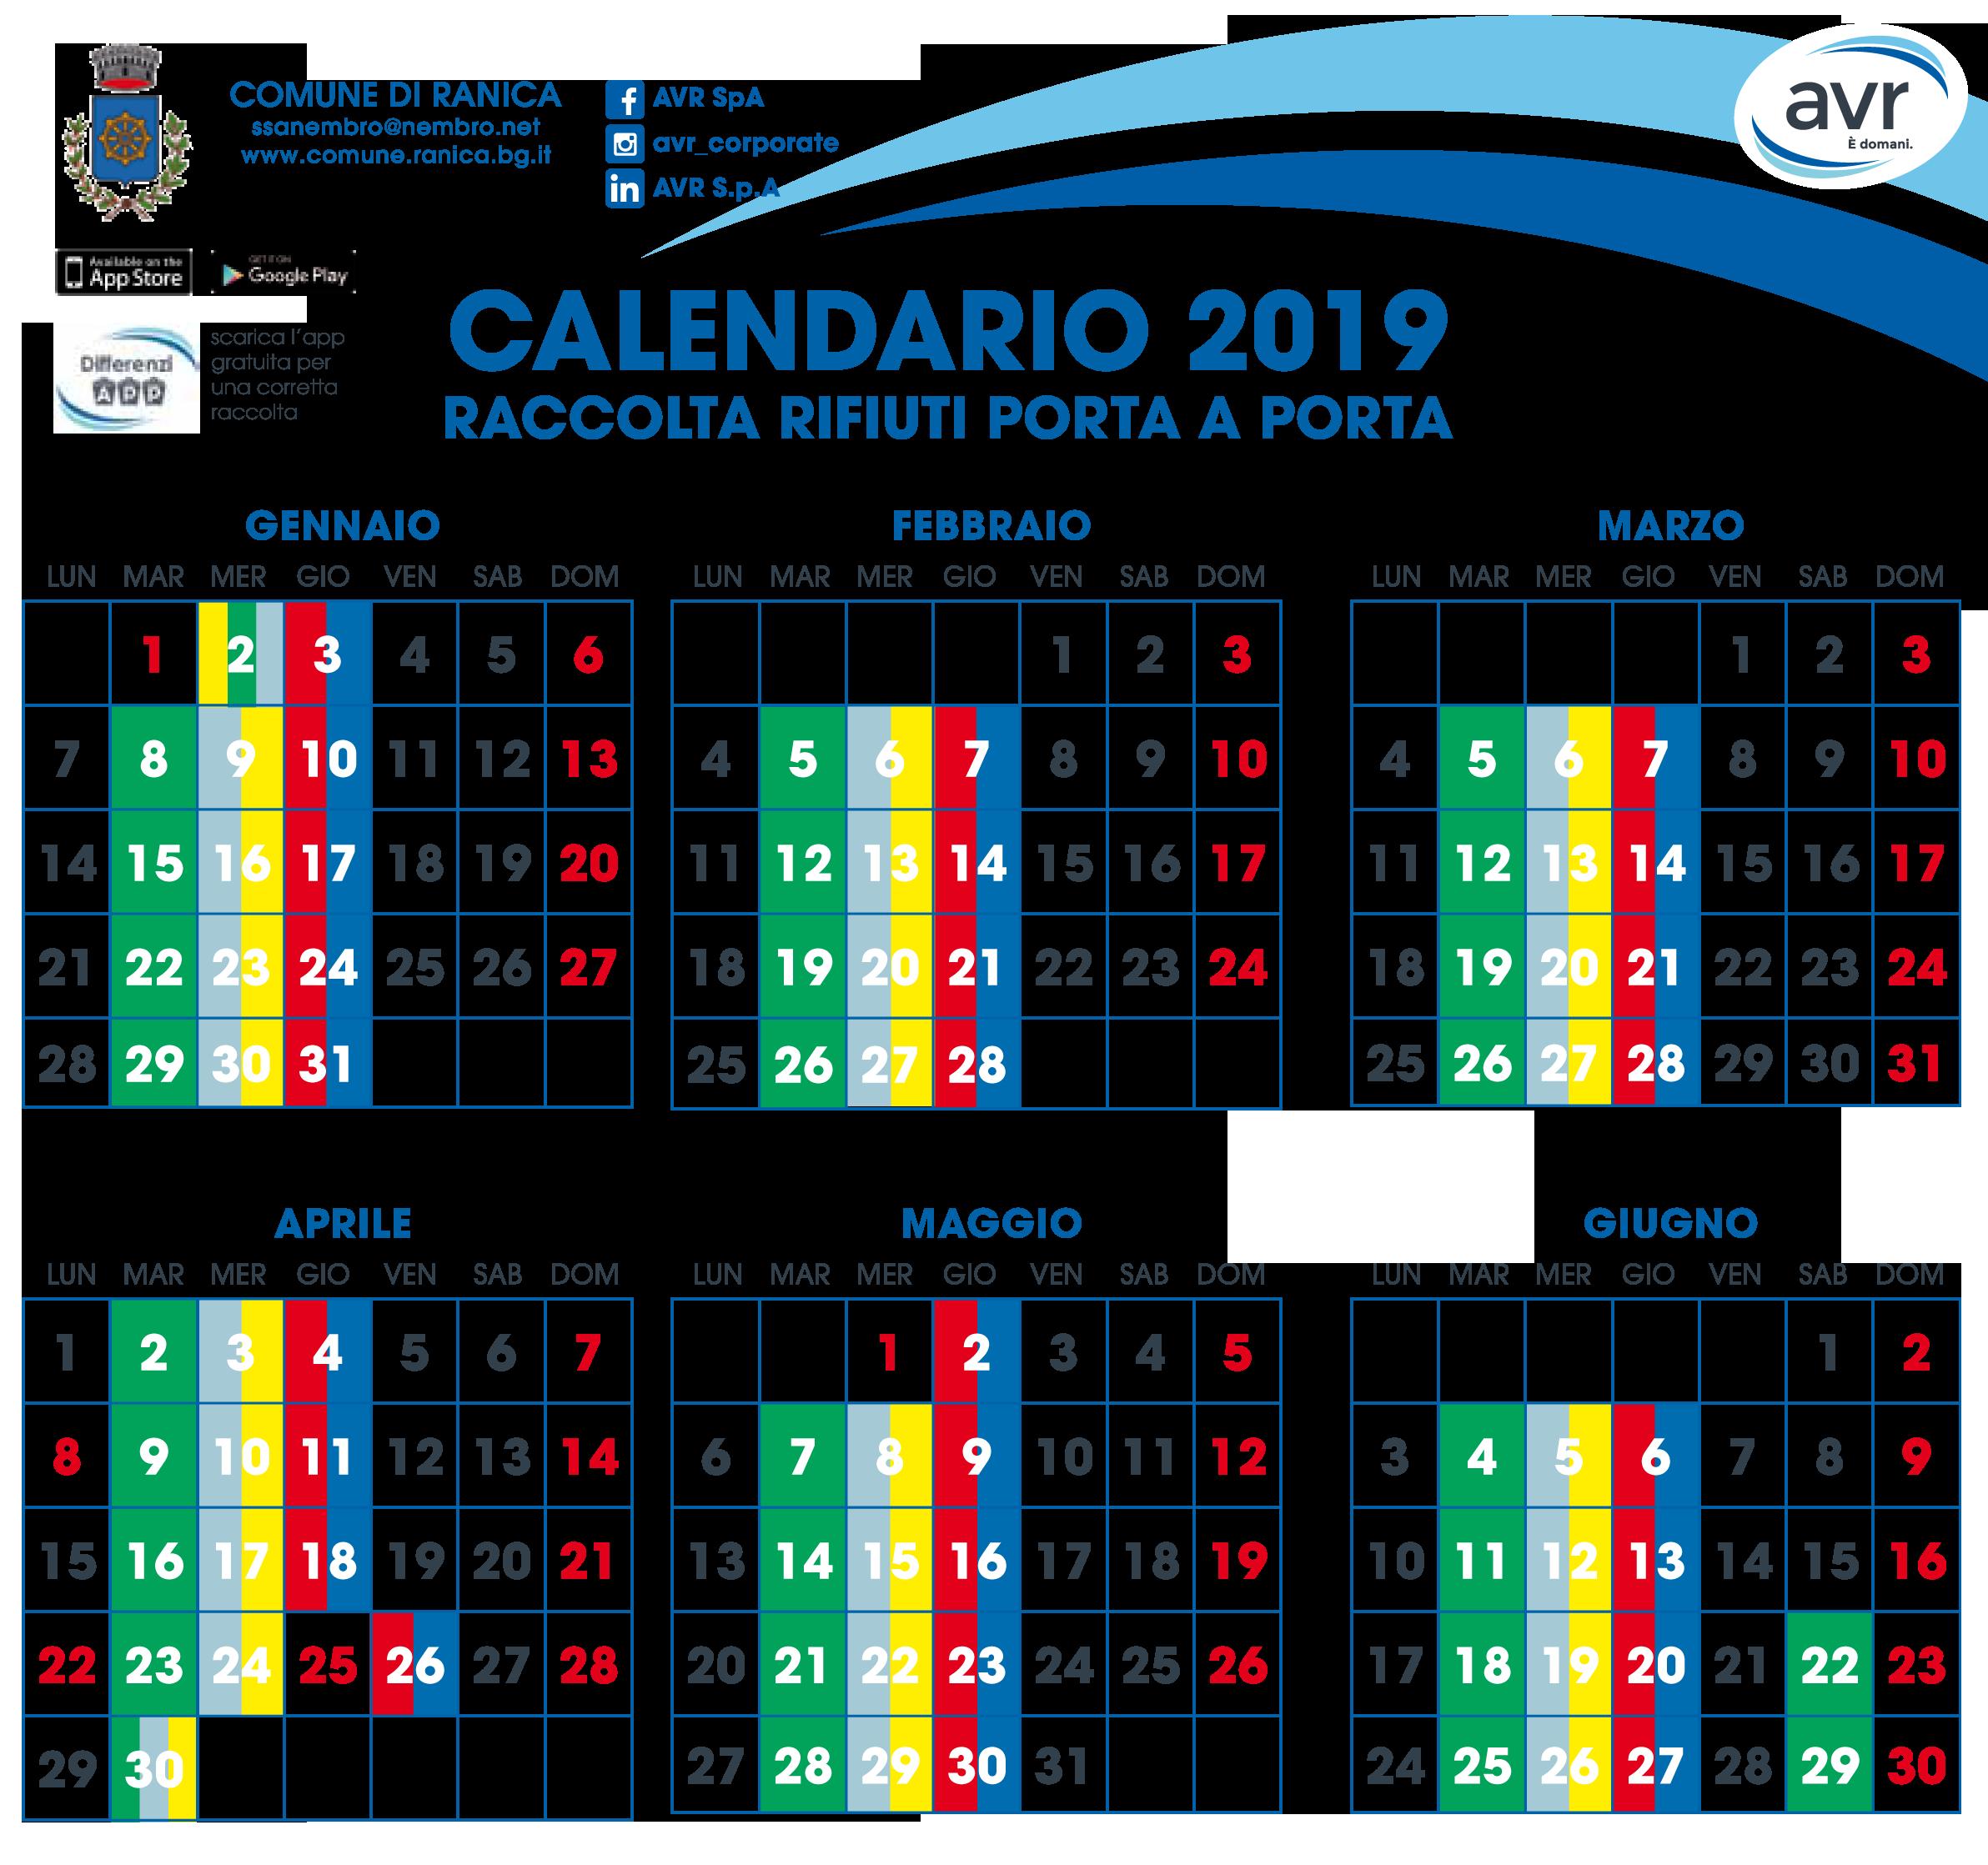 Calendario Raccolta.Calendario Raccolta Rifiuti Porta A Porta Comune Di Ranica